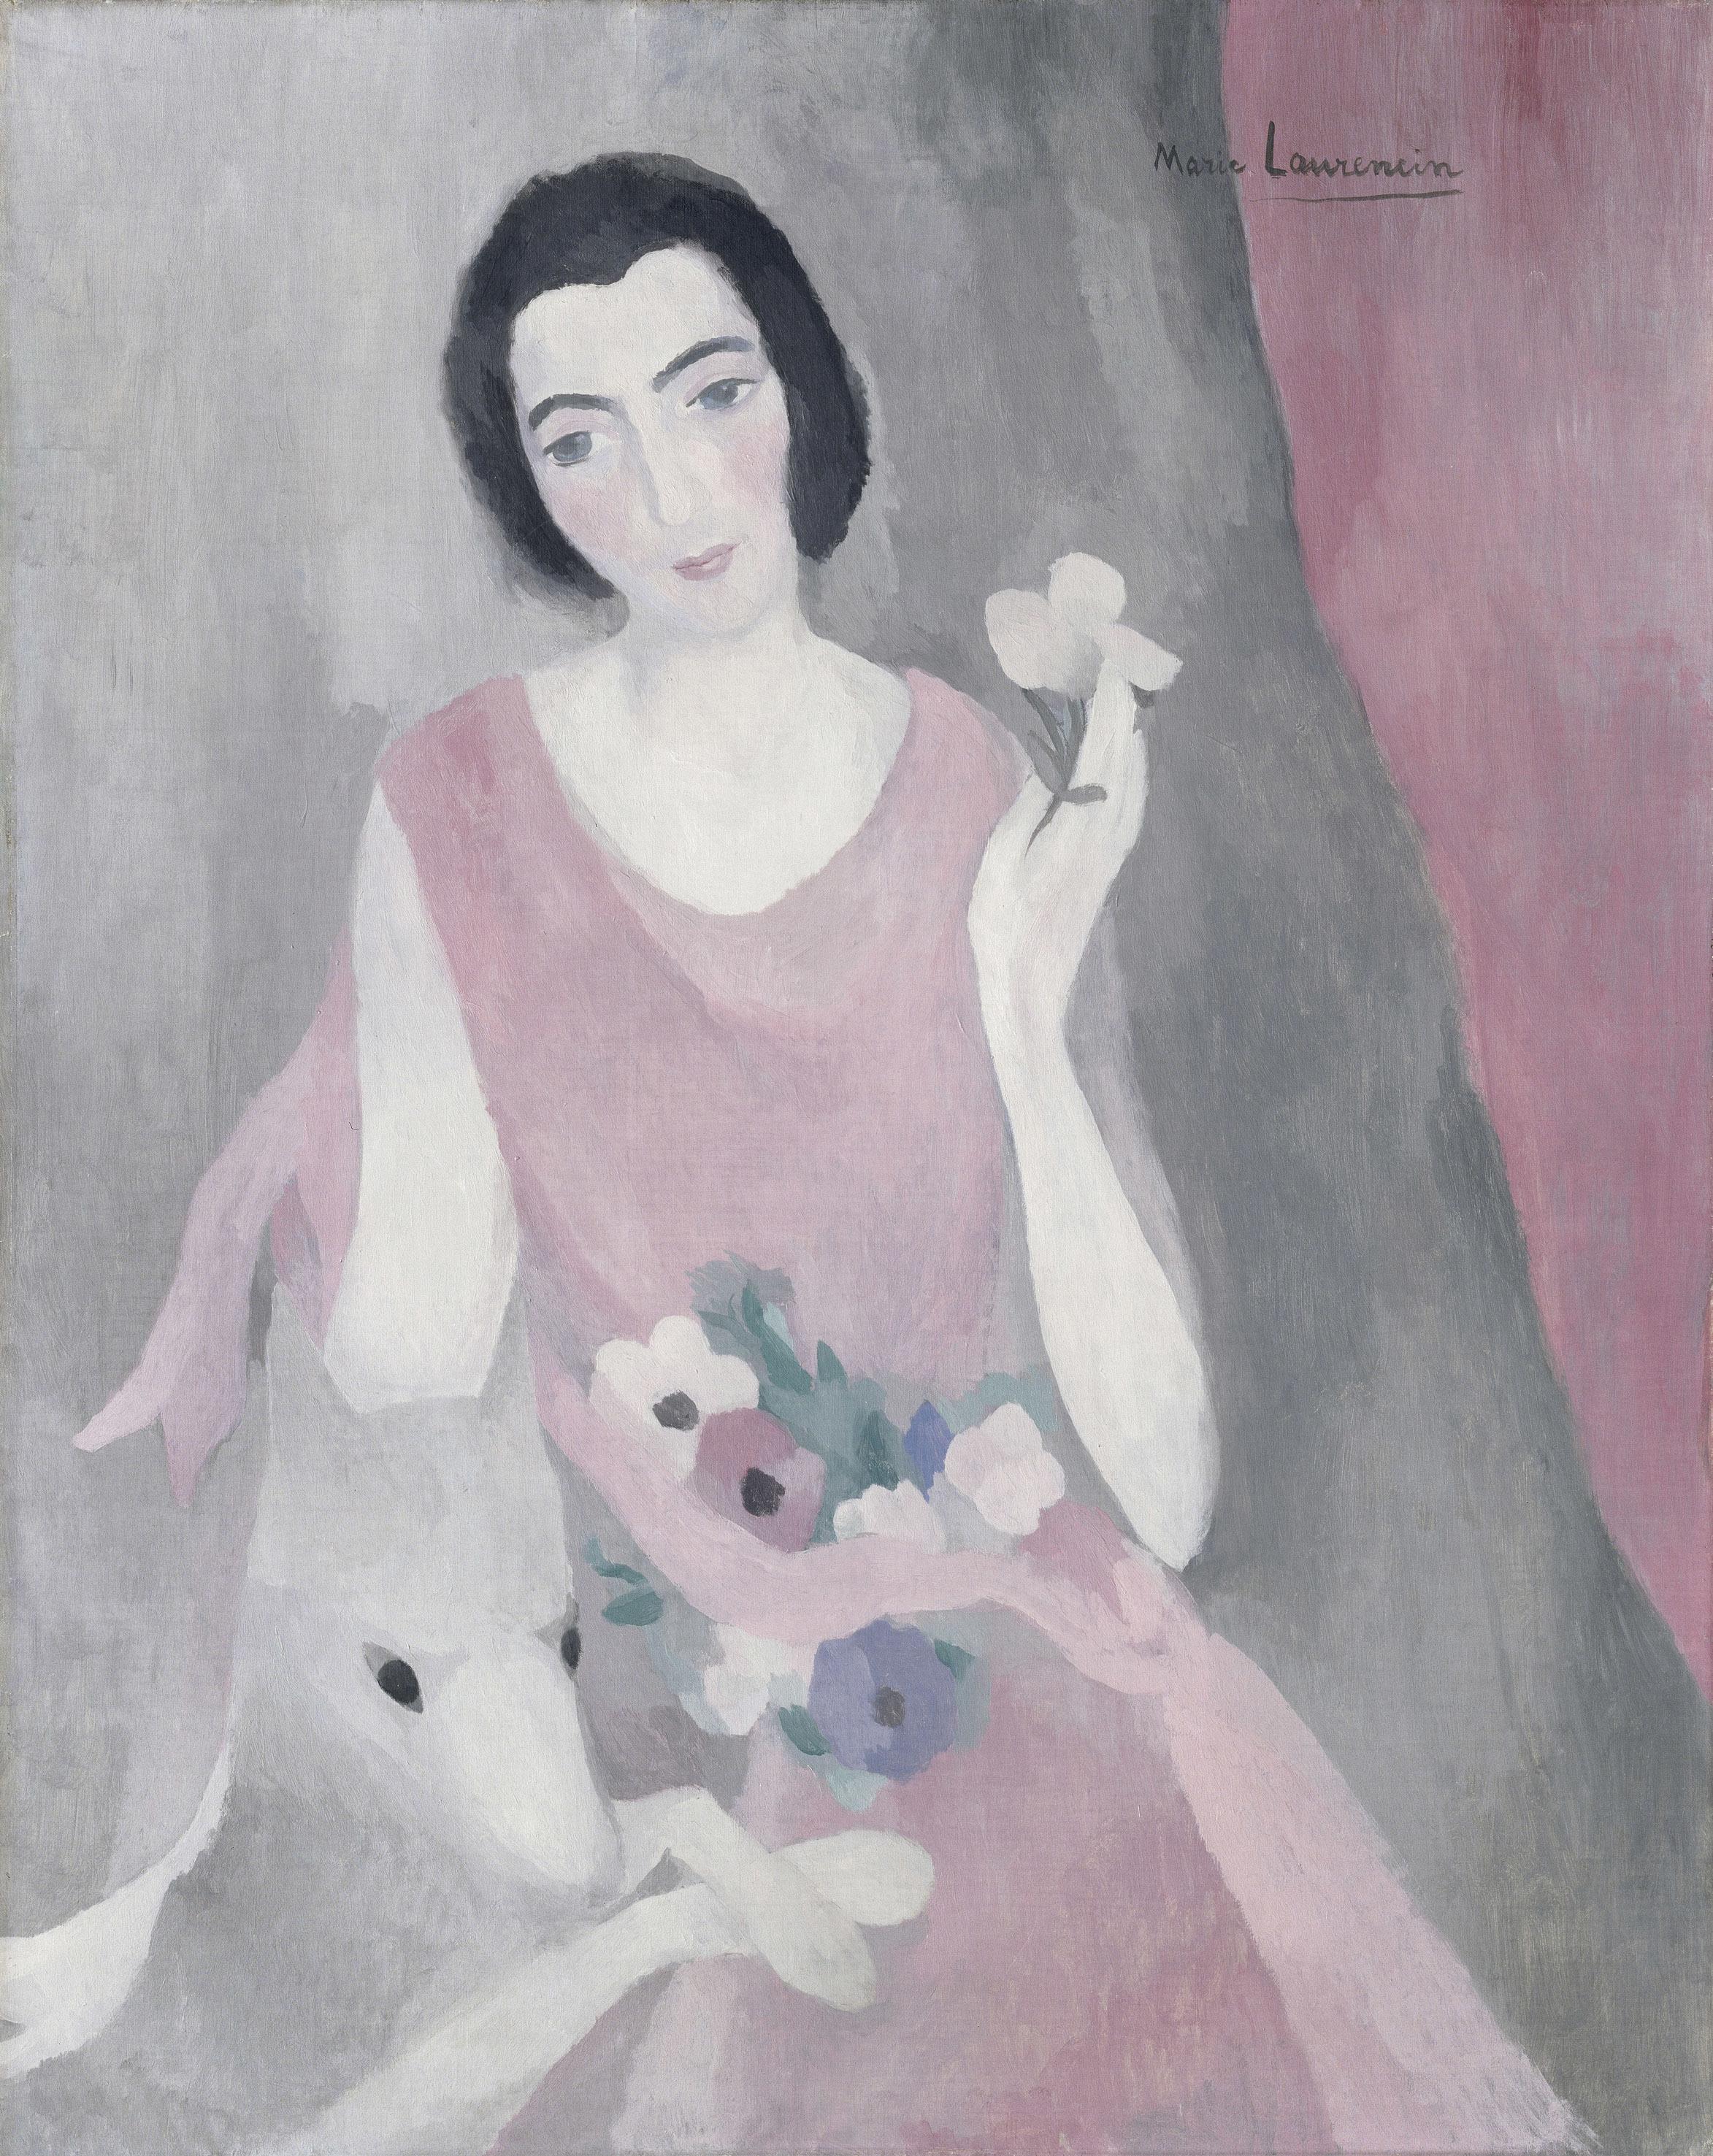 マリー・ローランサン《ポール・ギョーム夫人の肖像》1924年頃、油彩・カンヴァス、92×73cm、オランジュリー美術館